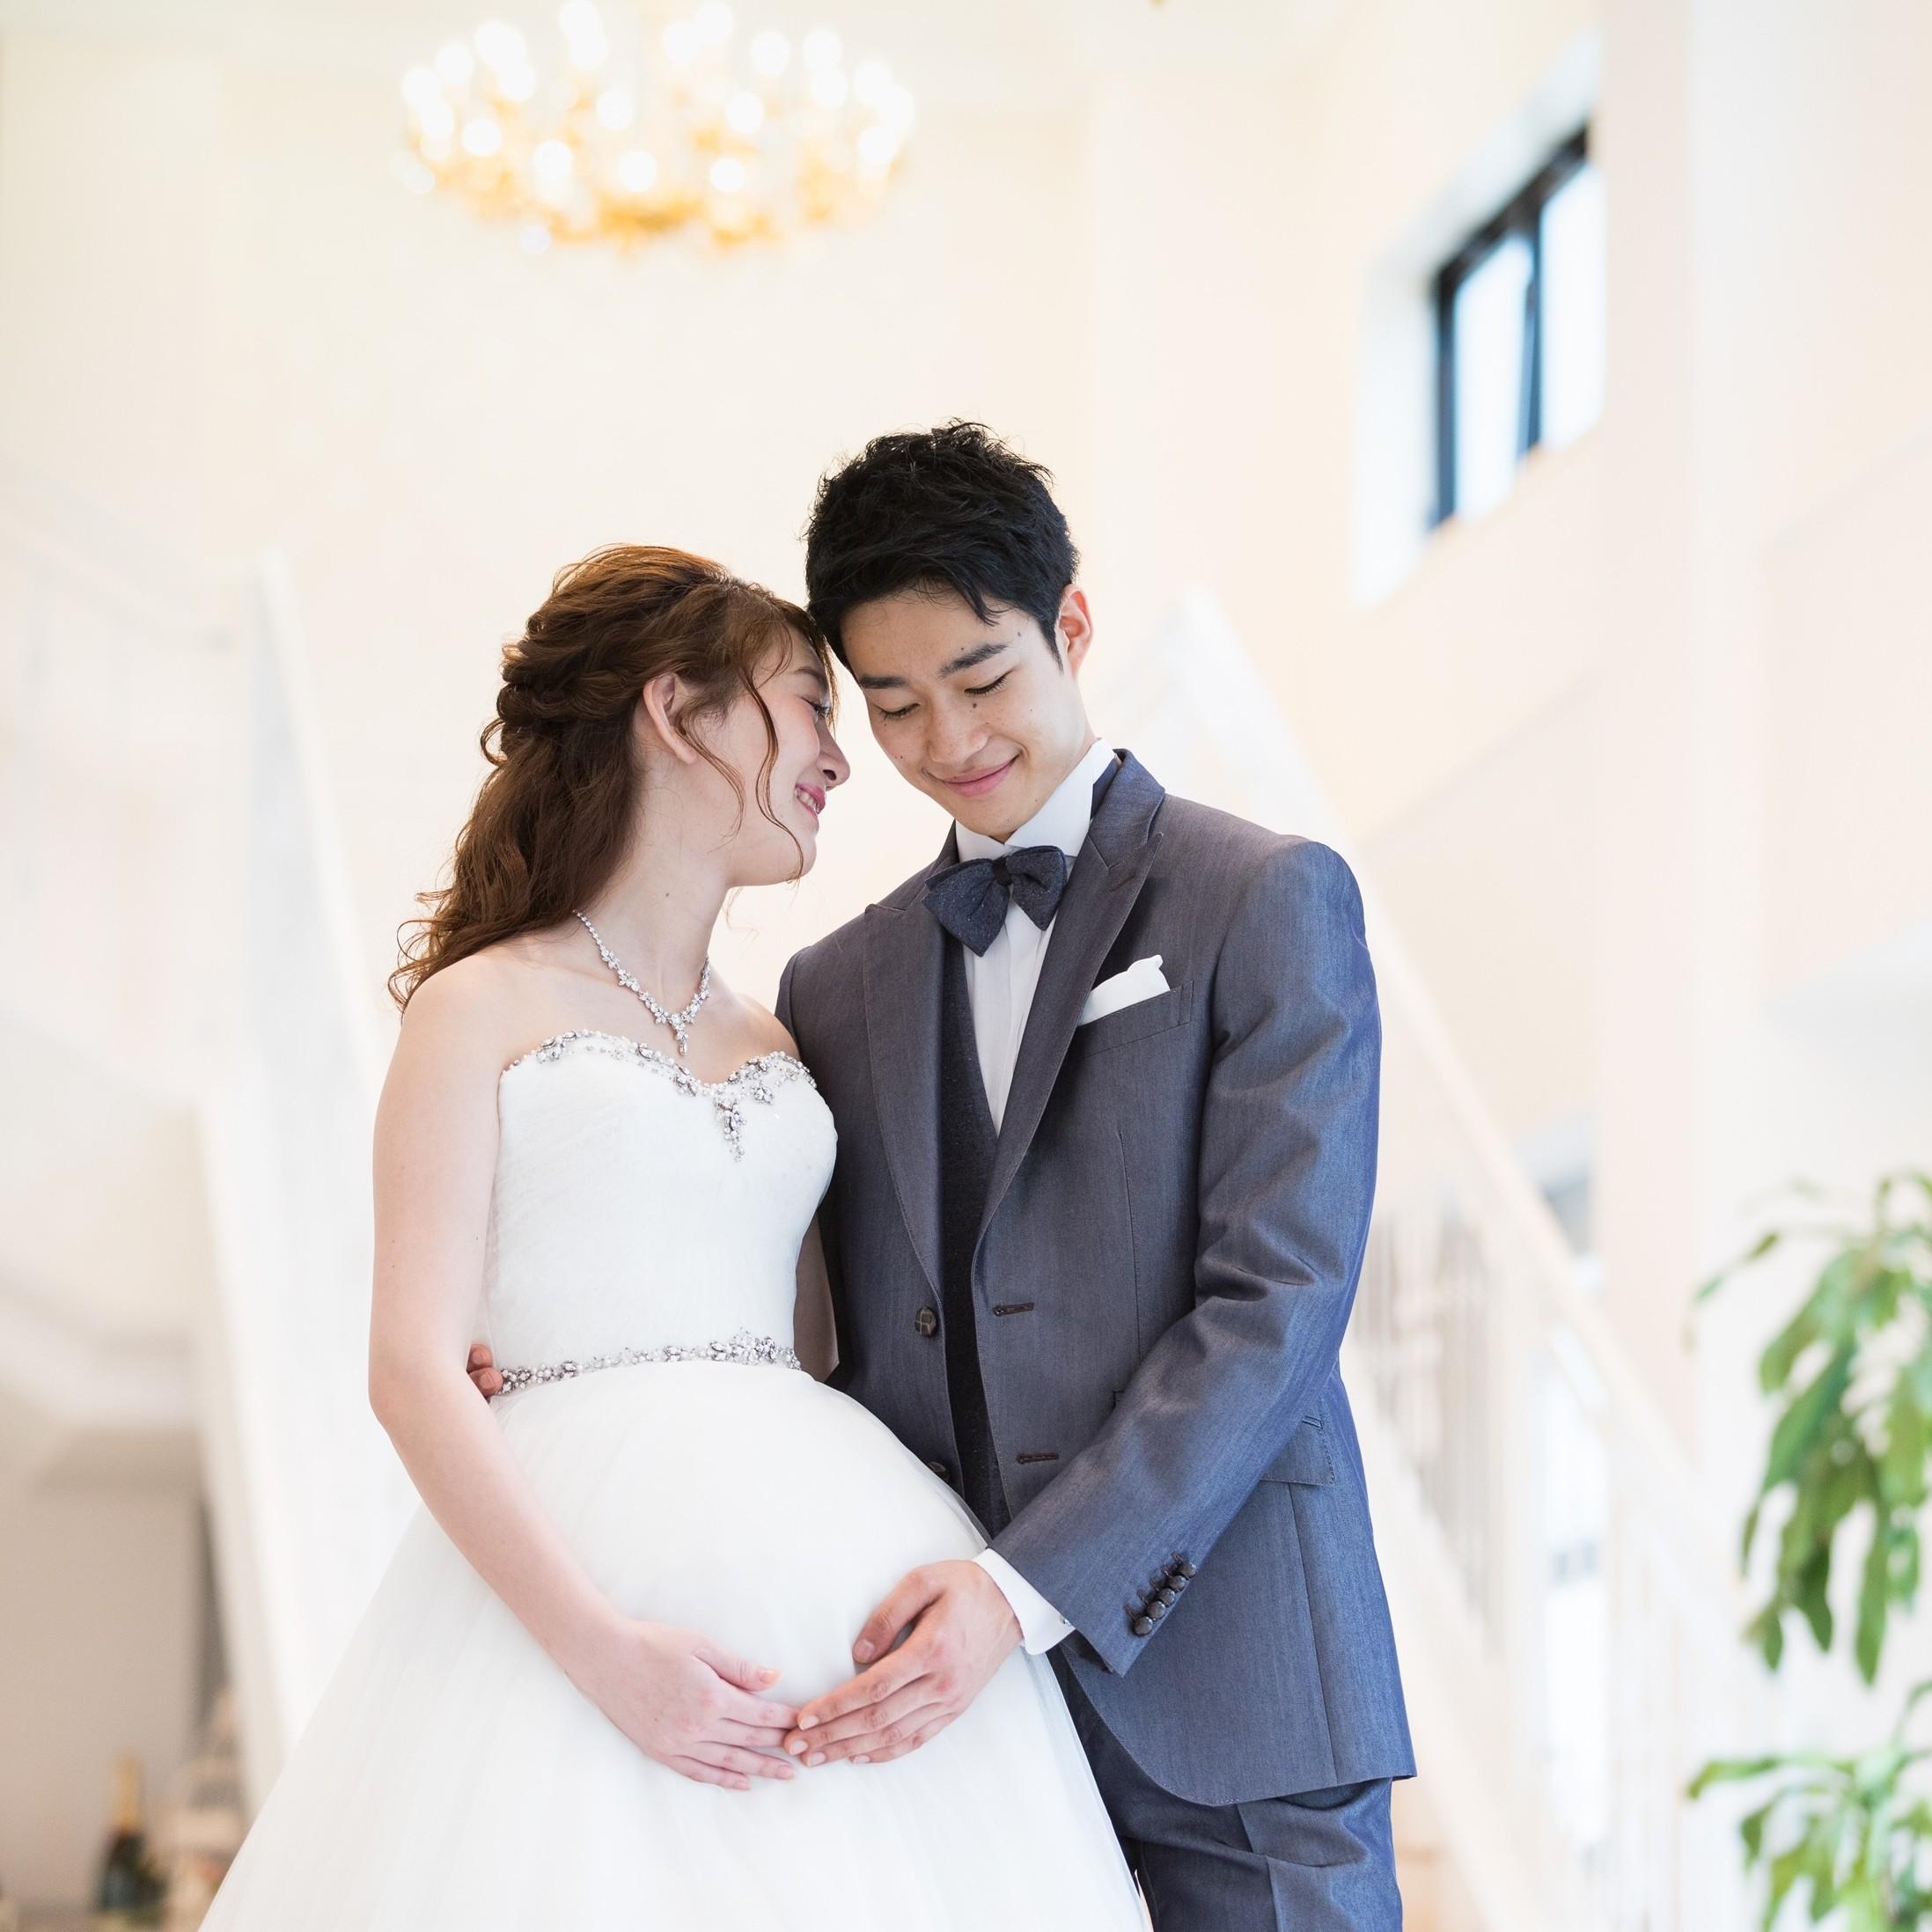 ◇◆30名97万円◆◇マタニティ&パパママ婚プラン♪